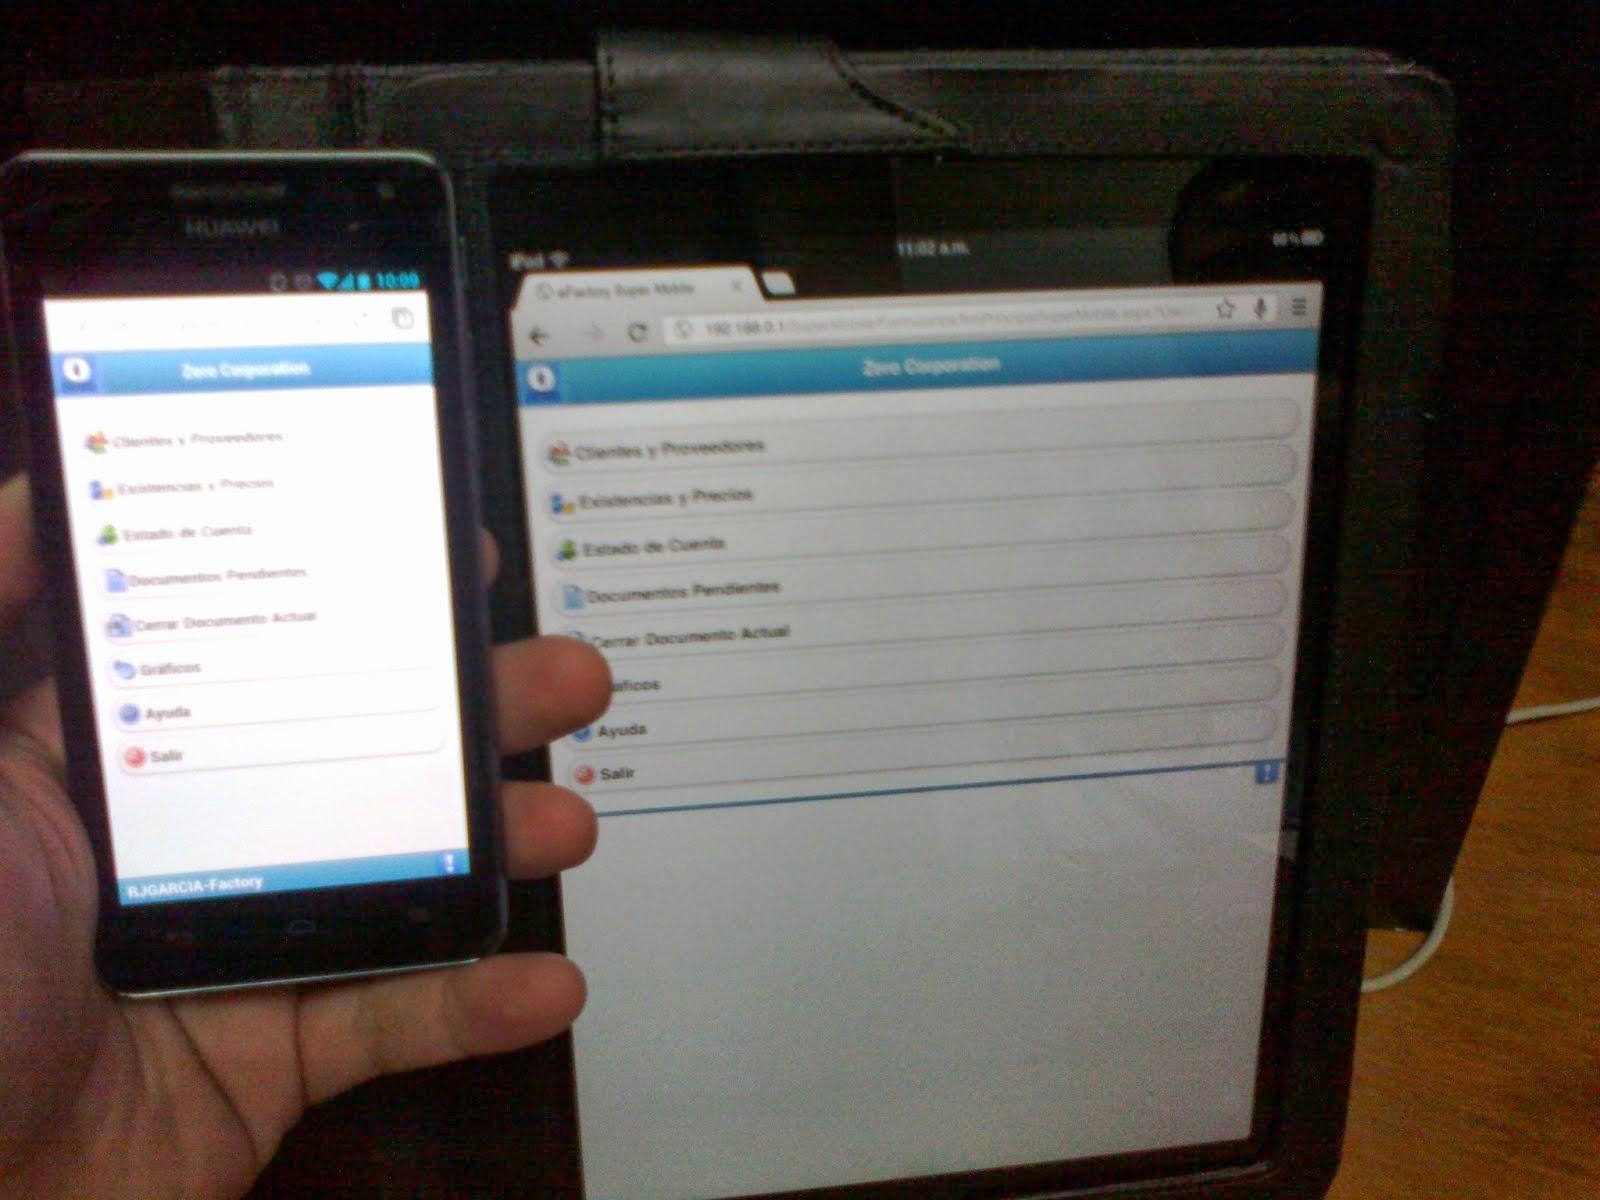 eFactory Super Mobile - Productos Web de eFactory para Móviles y Tabletas